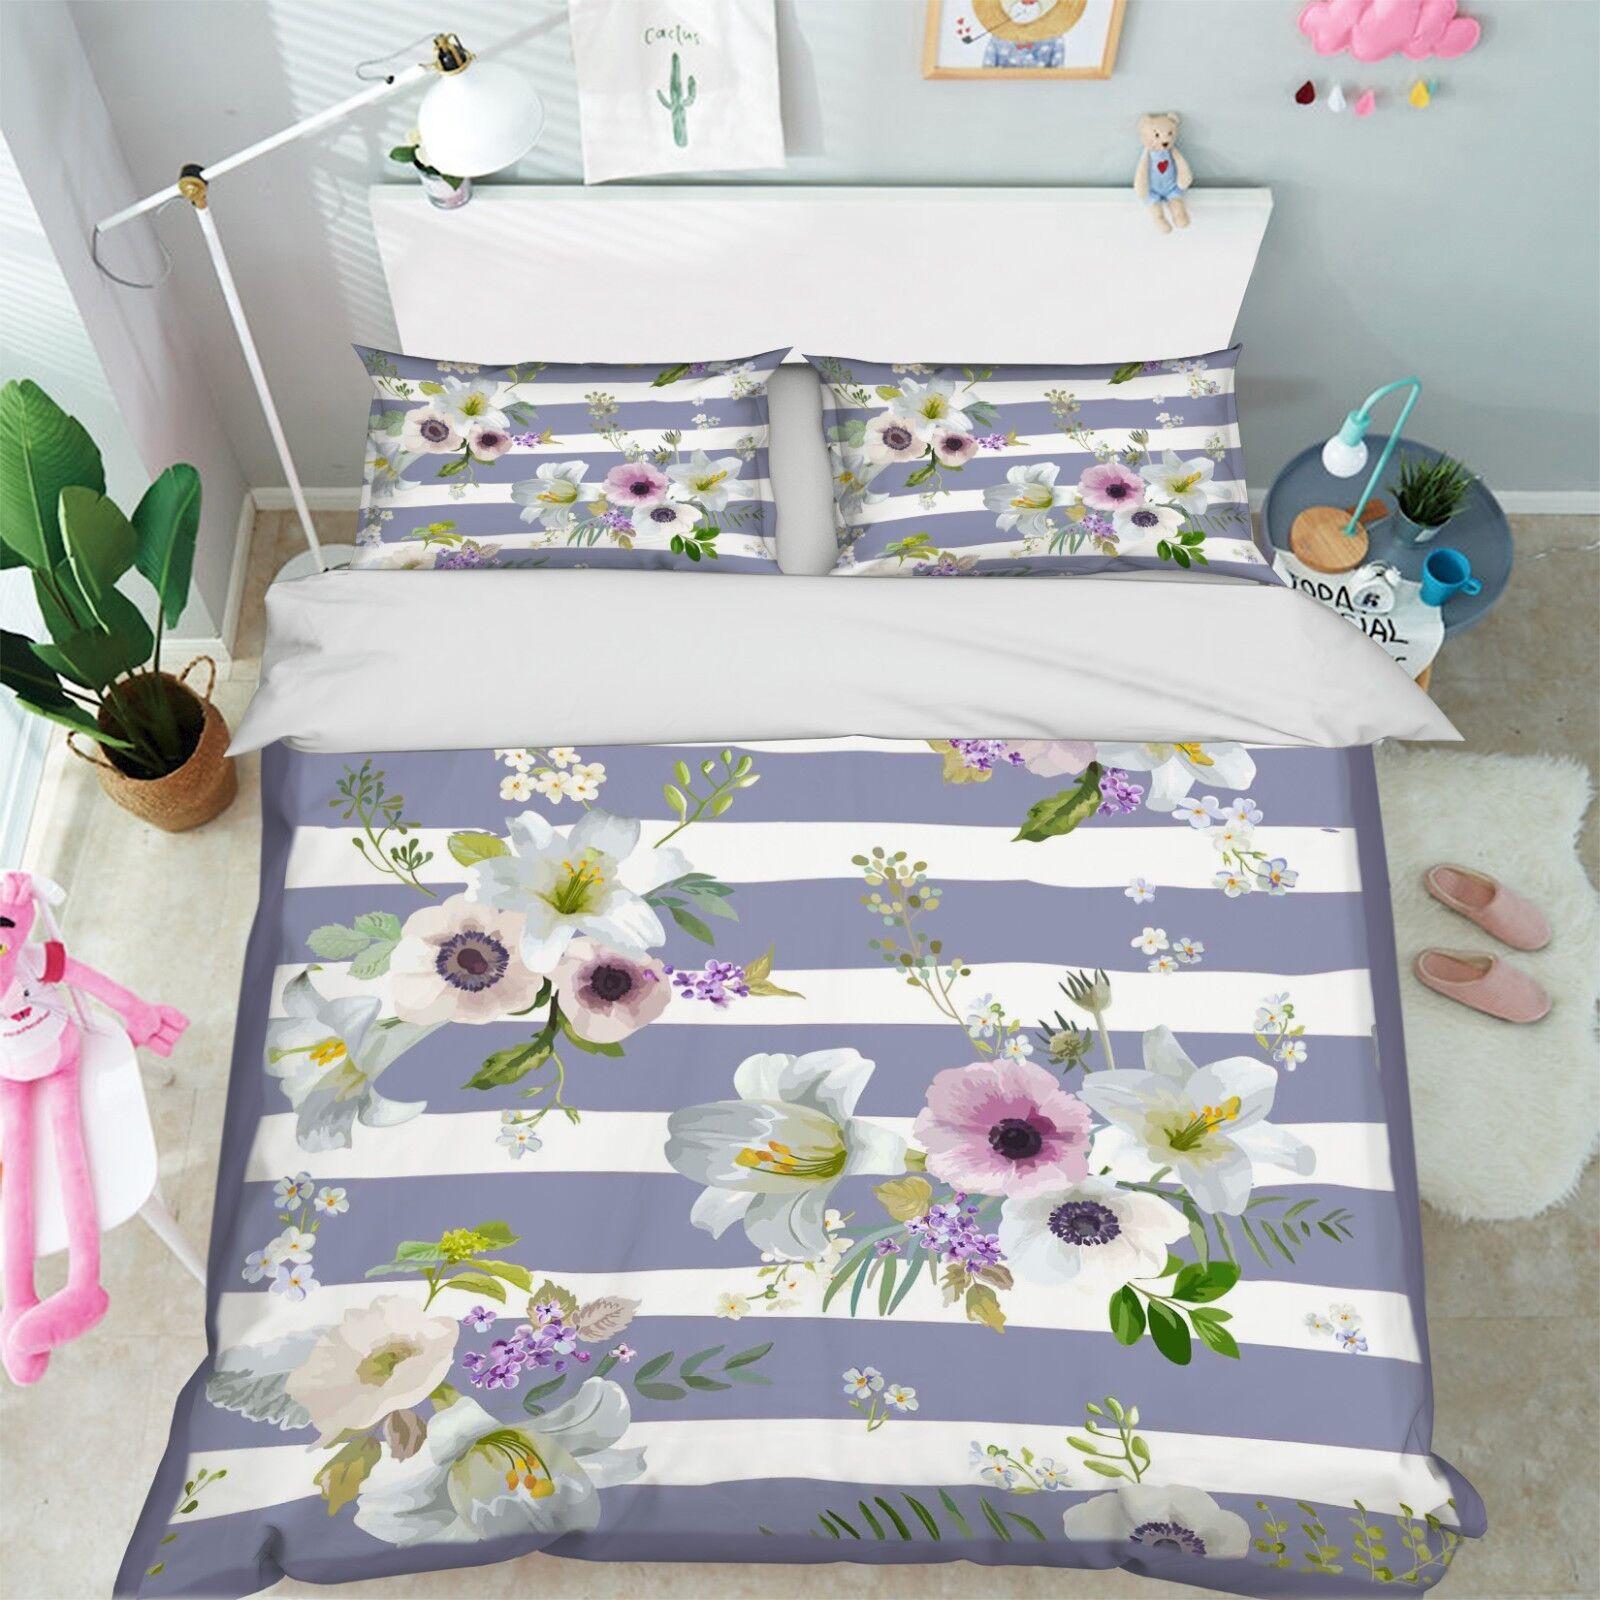 3D Flowers 102 Bed Pillowcases Quilt Duvet Cover Set Single Queen King Size AU